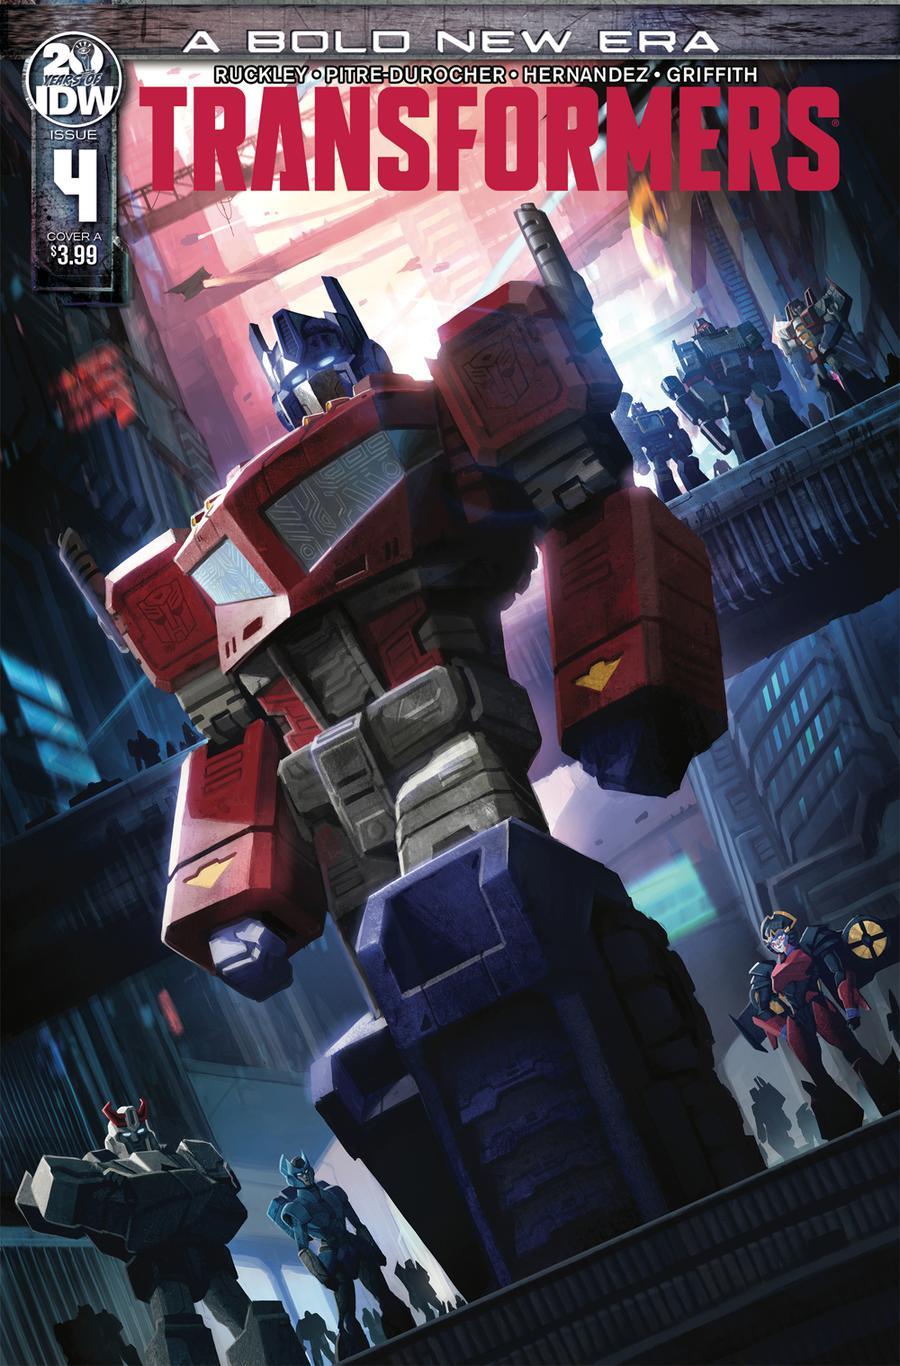 Transformers Vol 4 #4 Cover A 1st Ptg Regular Sara Pitre-Durocher Cover